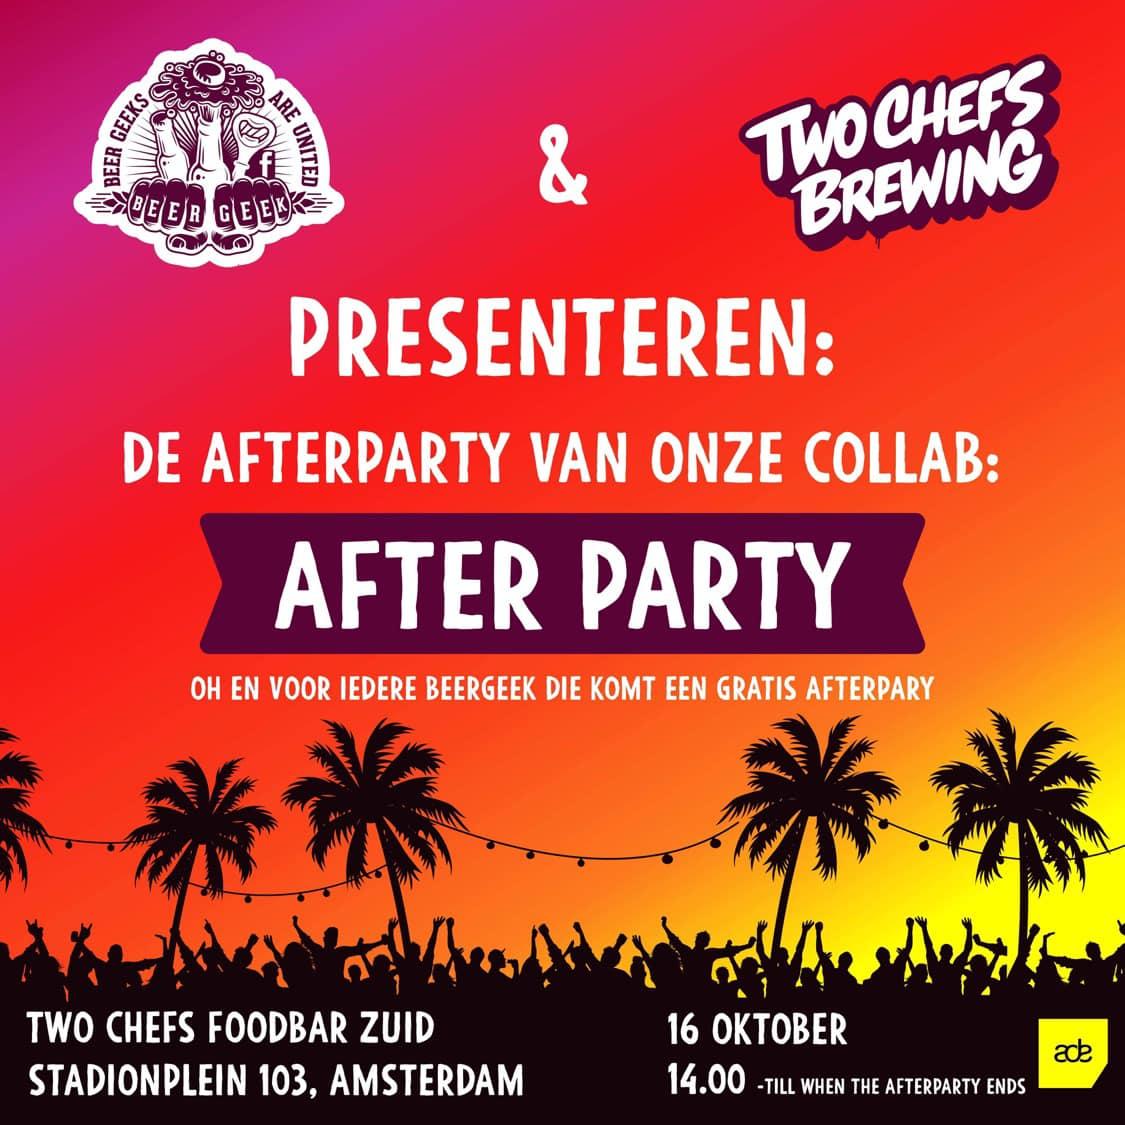 <p>after party, 16 oktober 2021</p>